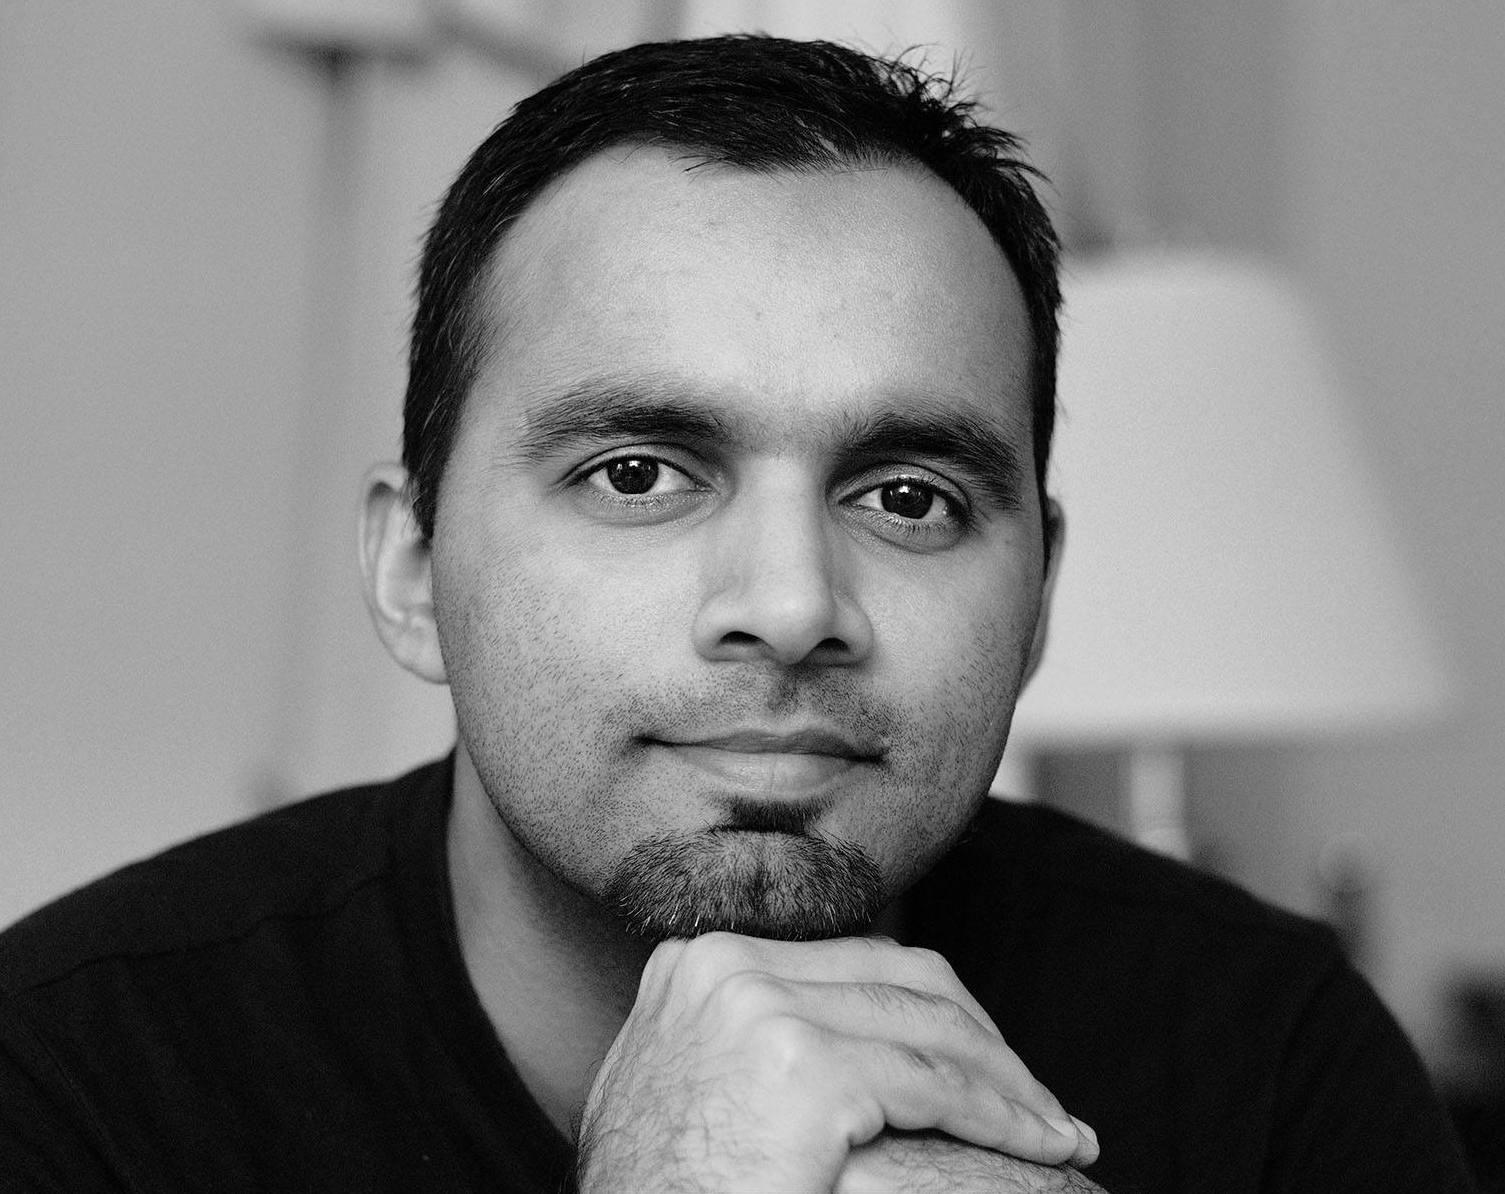 Muhammad Mohsin Raza